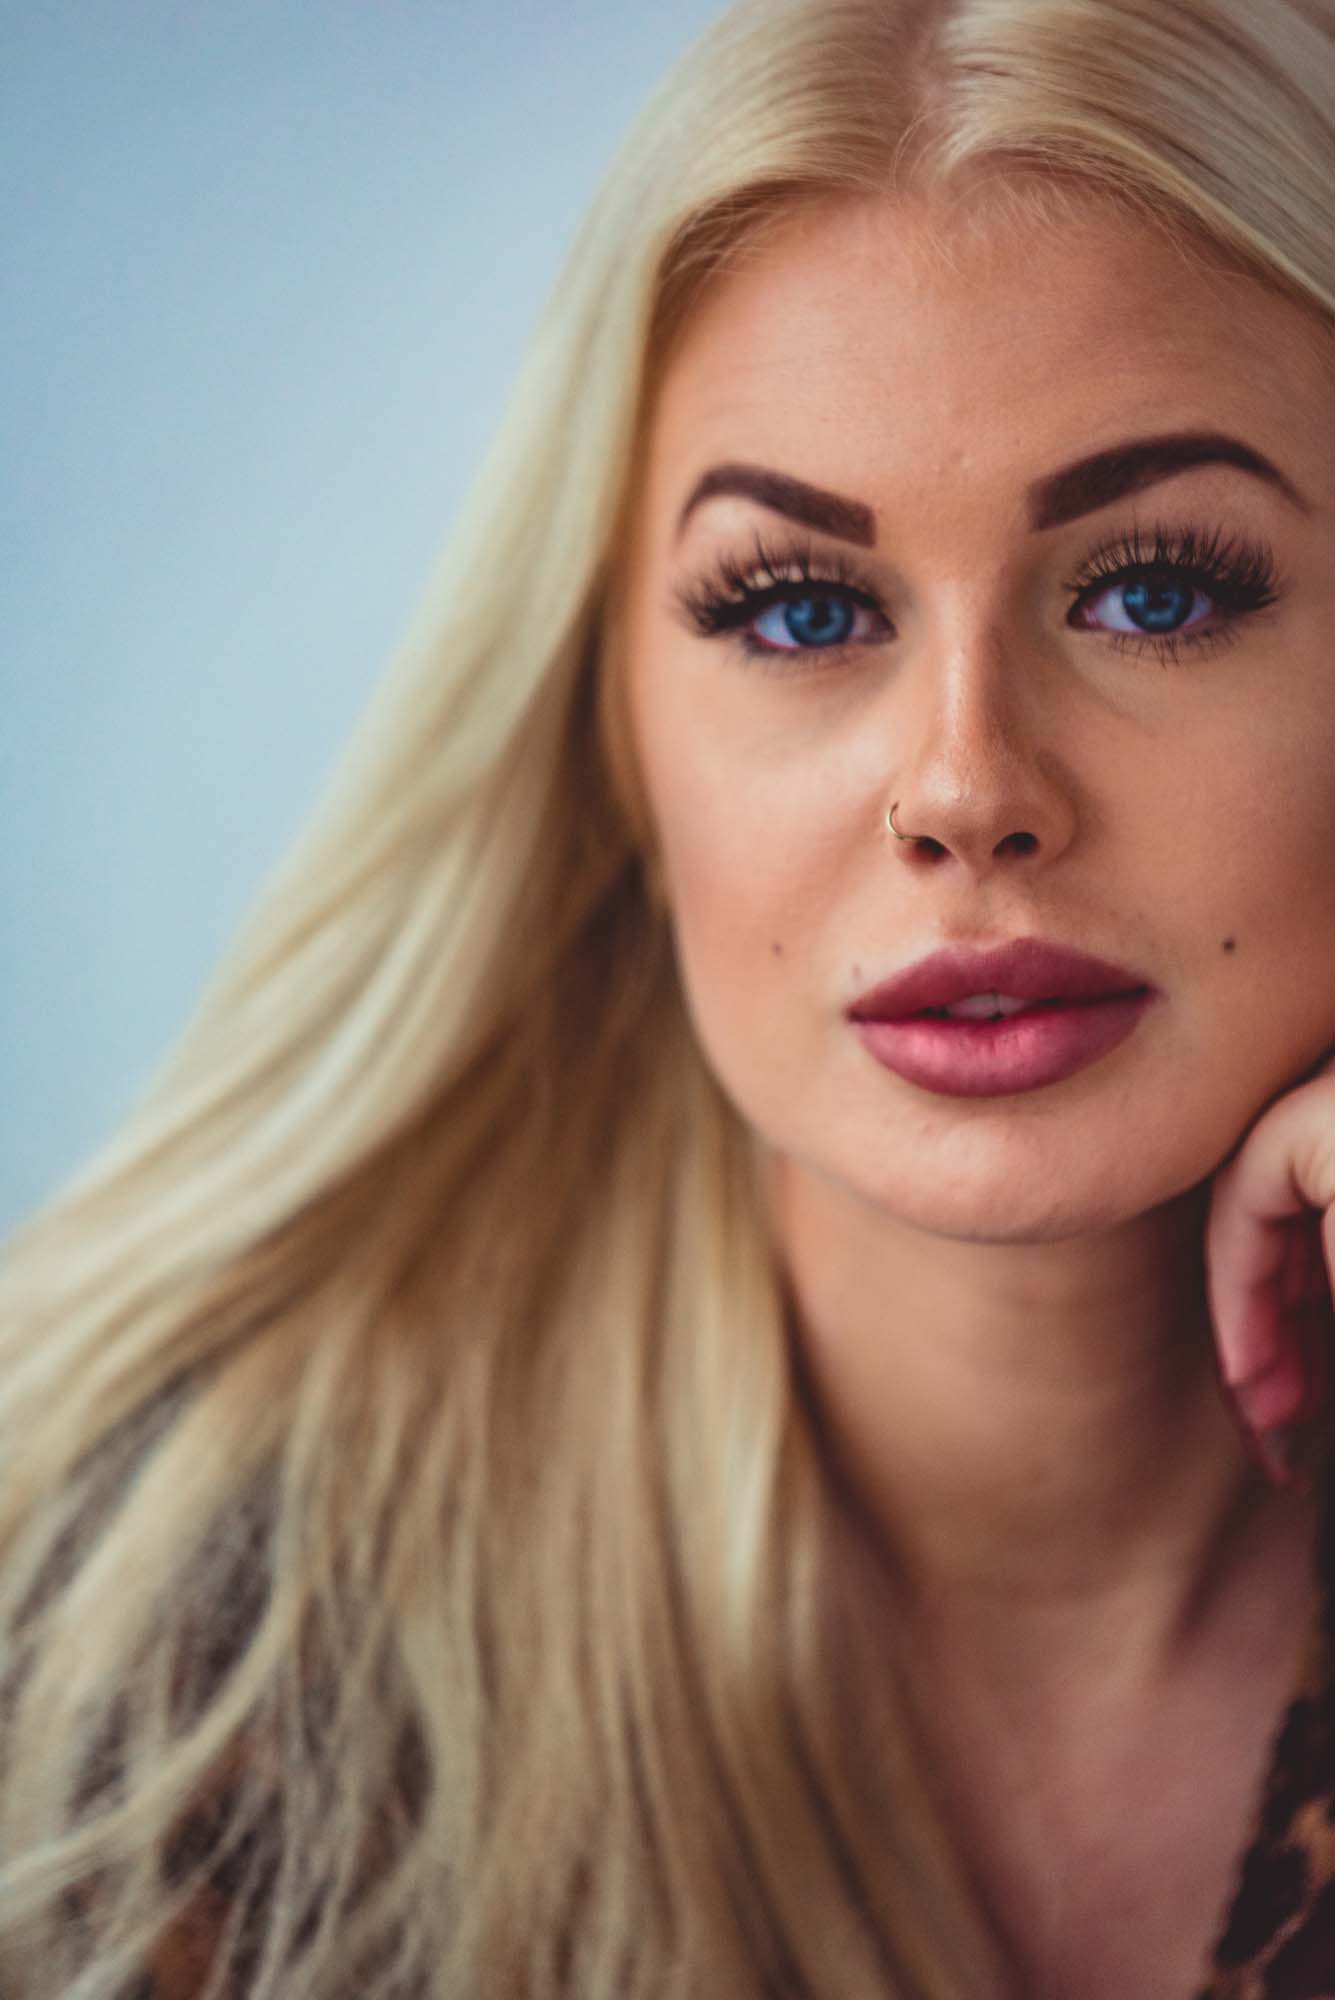 Amanda-93.jpg